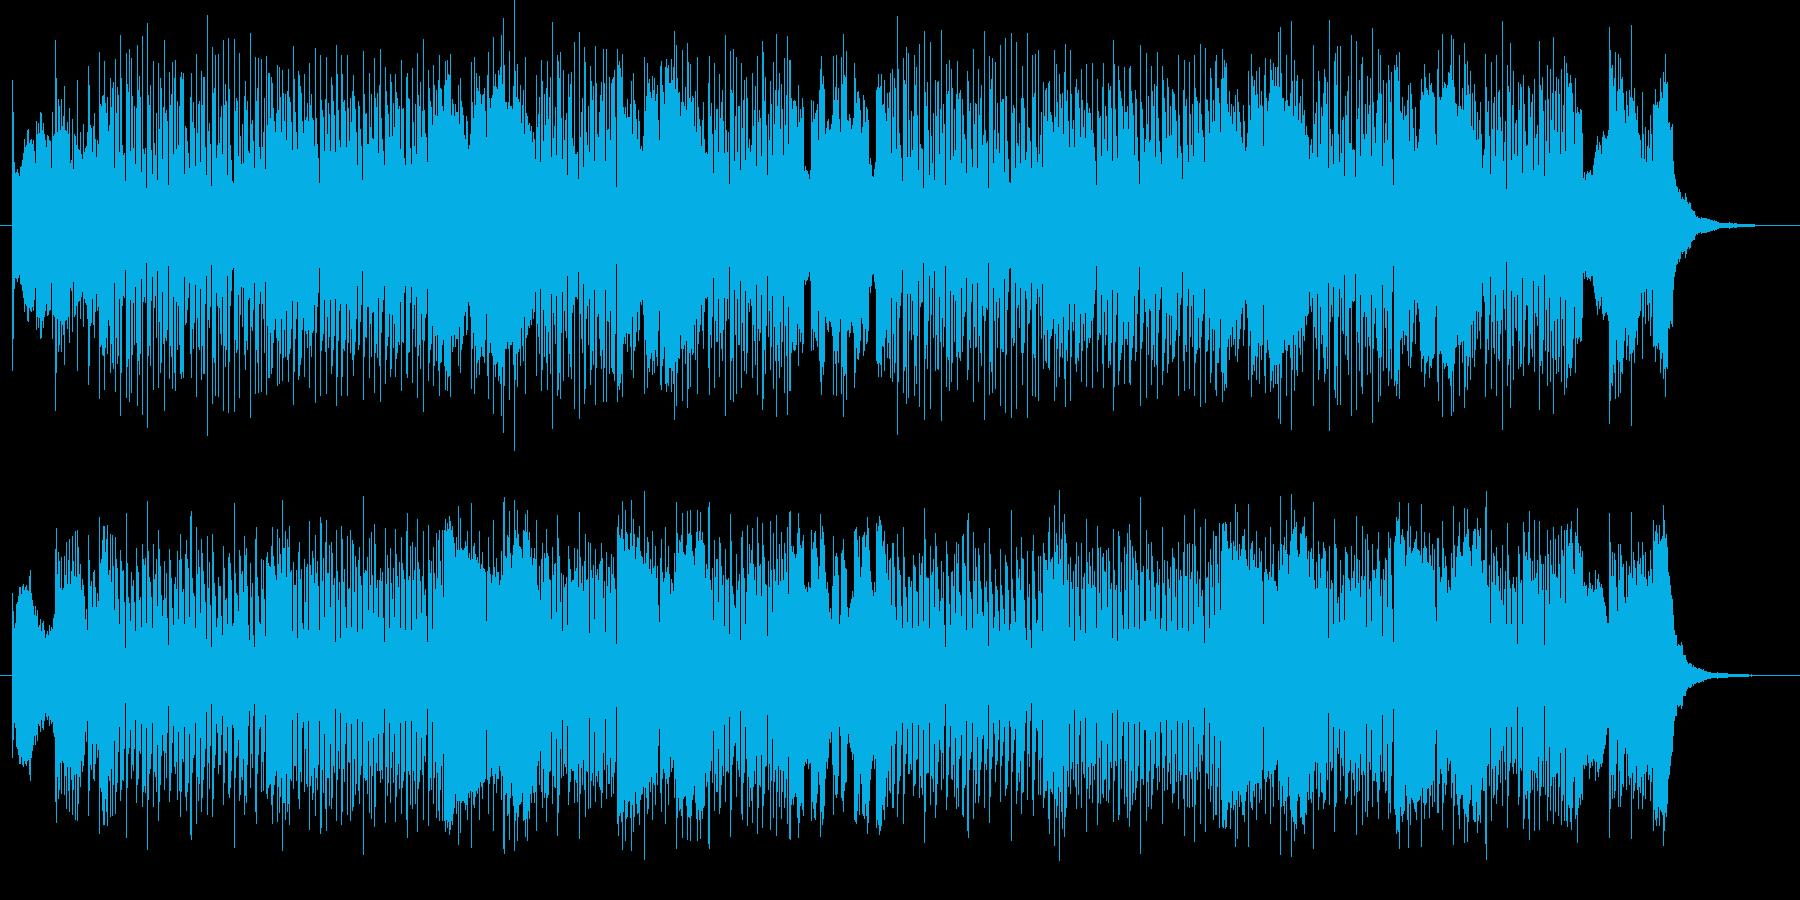 力強いロックのアップテンポミュージックの再生済みの波形